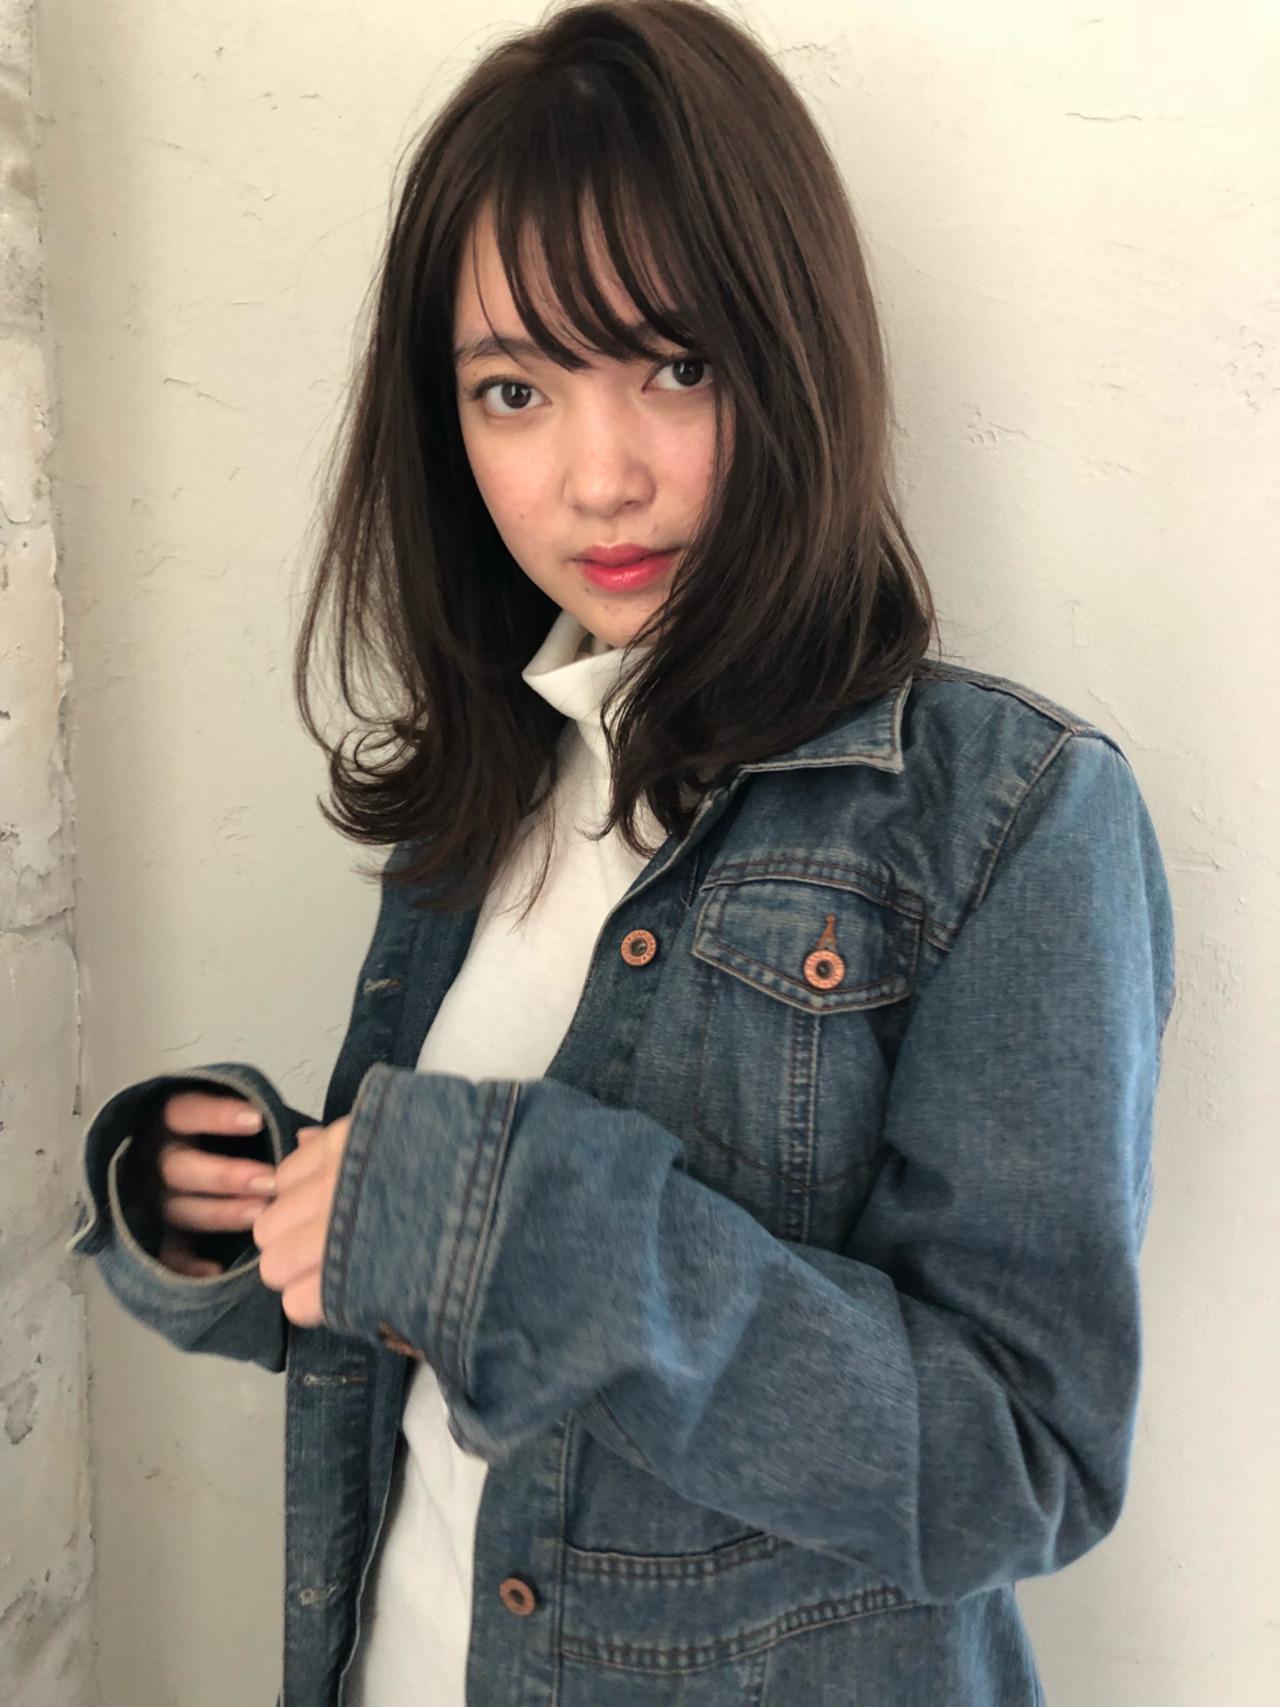 長めの前髪×毛先パーマなら大人カワイイ印象に! ナガヤ アキラ joemi 新宿 | joemi by Un ami